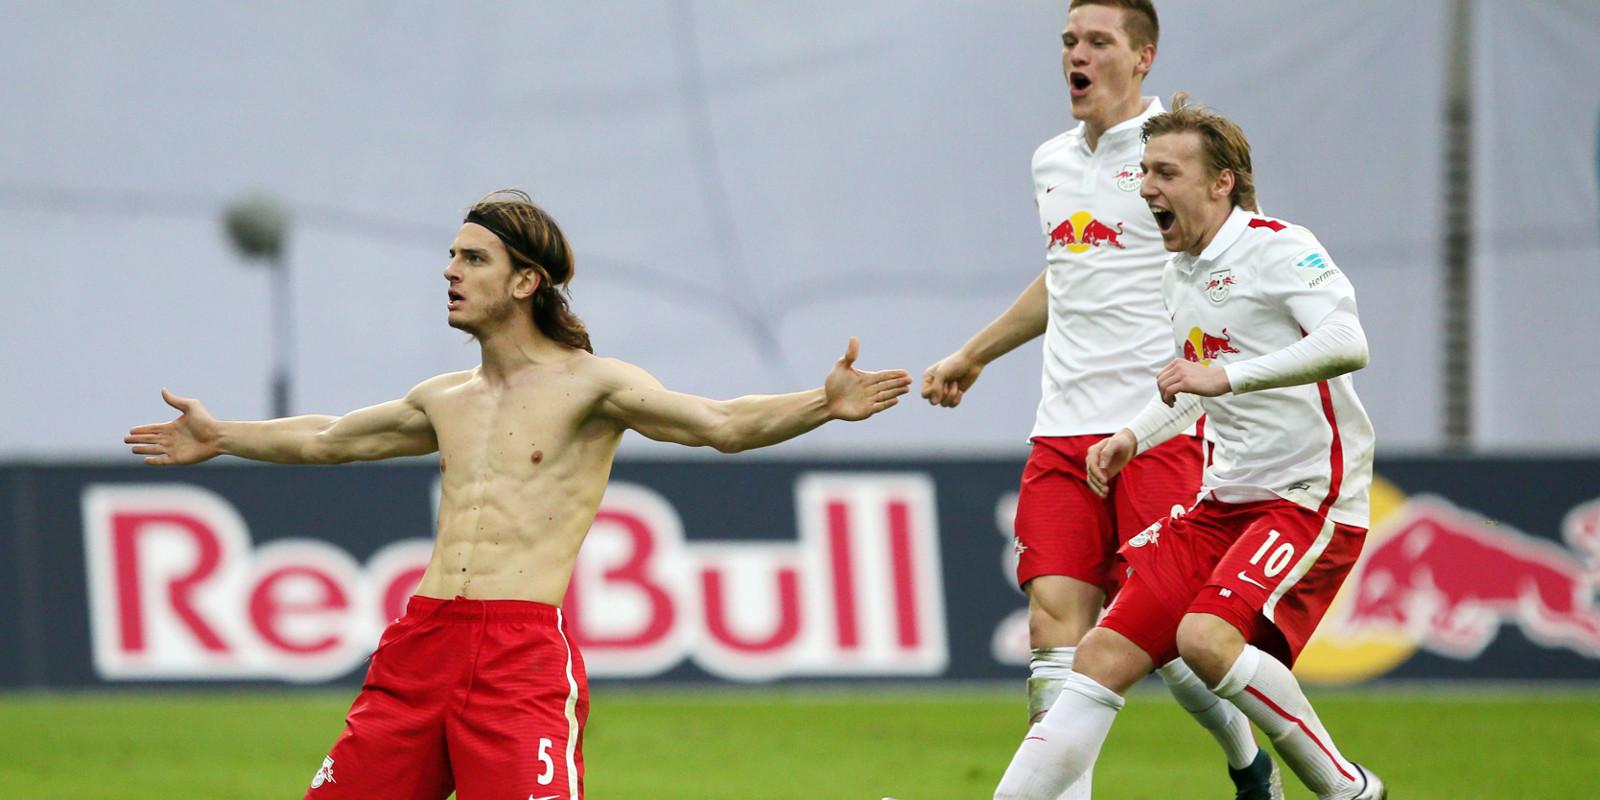 17. Spieltag: RB Leipzig – MSV Duisburg 4:2